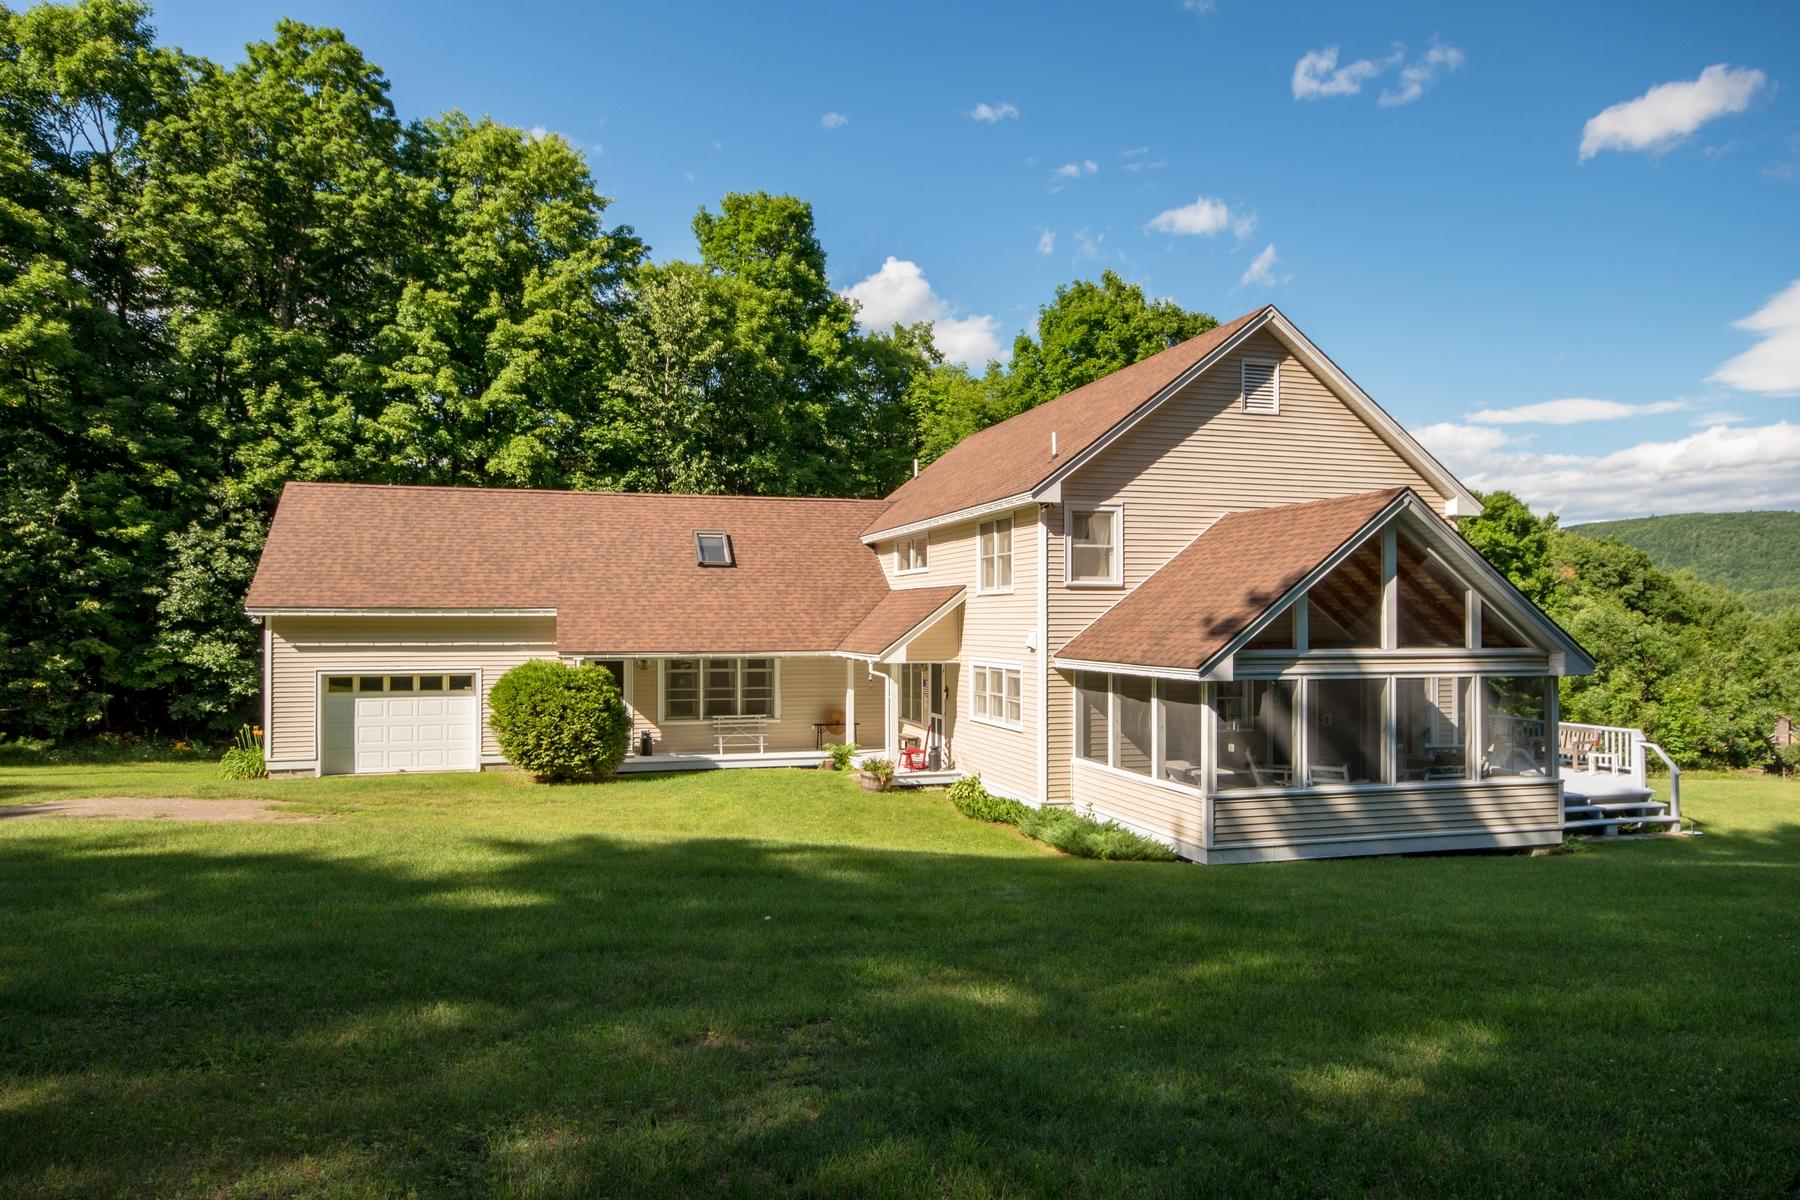 Частный односемейный дом для того Продажа на Beaver Brook Farm 231 Carver Lane Willsboro, Нью-Йорк 12996 Соединенные Штаты